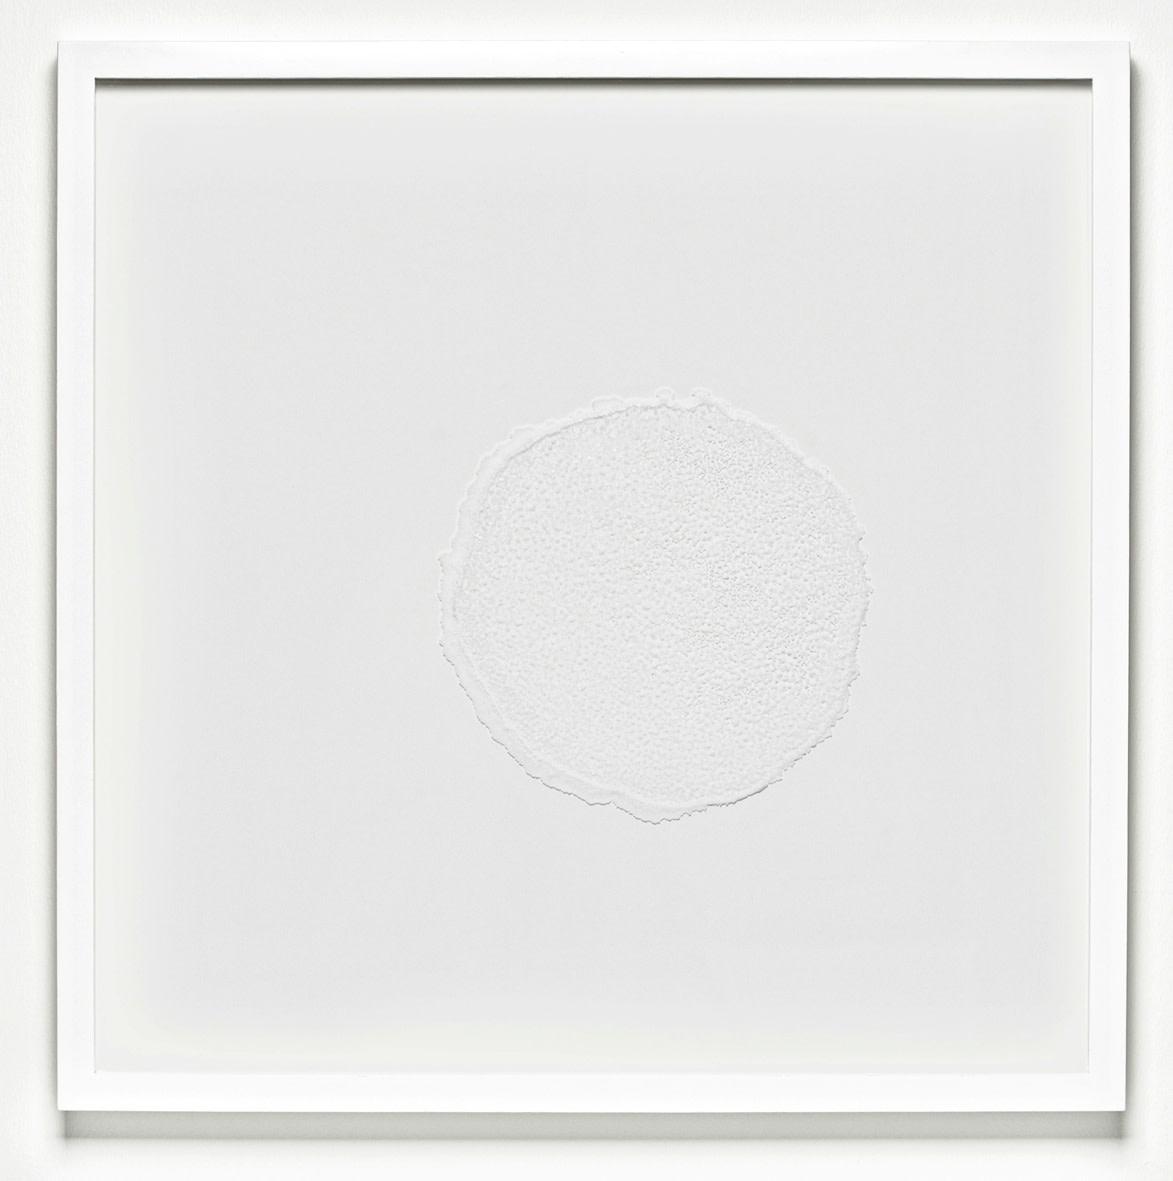 """<span class=""""link fancybox-details-link""""><a href=""""/exhibitions/129/works/artworks9040/"""">View Detail Page</a></span><div class=""""artist""""><strong>RAGNA RÓBERTSDÓTTIR</strong></div><div class=""""title""""><em>Mindscape (salt)</em>, 2013</div><div class=""""medium"""">sea salt on glass</div><div class=""""dimensions"""">72.0 x 72.0 x 4.5 cm<br>28 1/8 x 28 1/8 x 1 1/4 in</div>"""